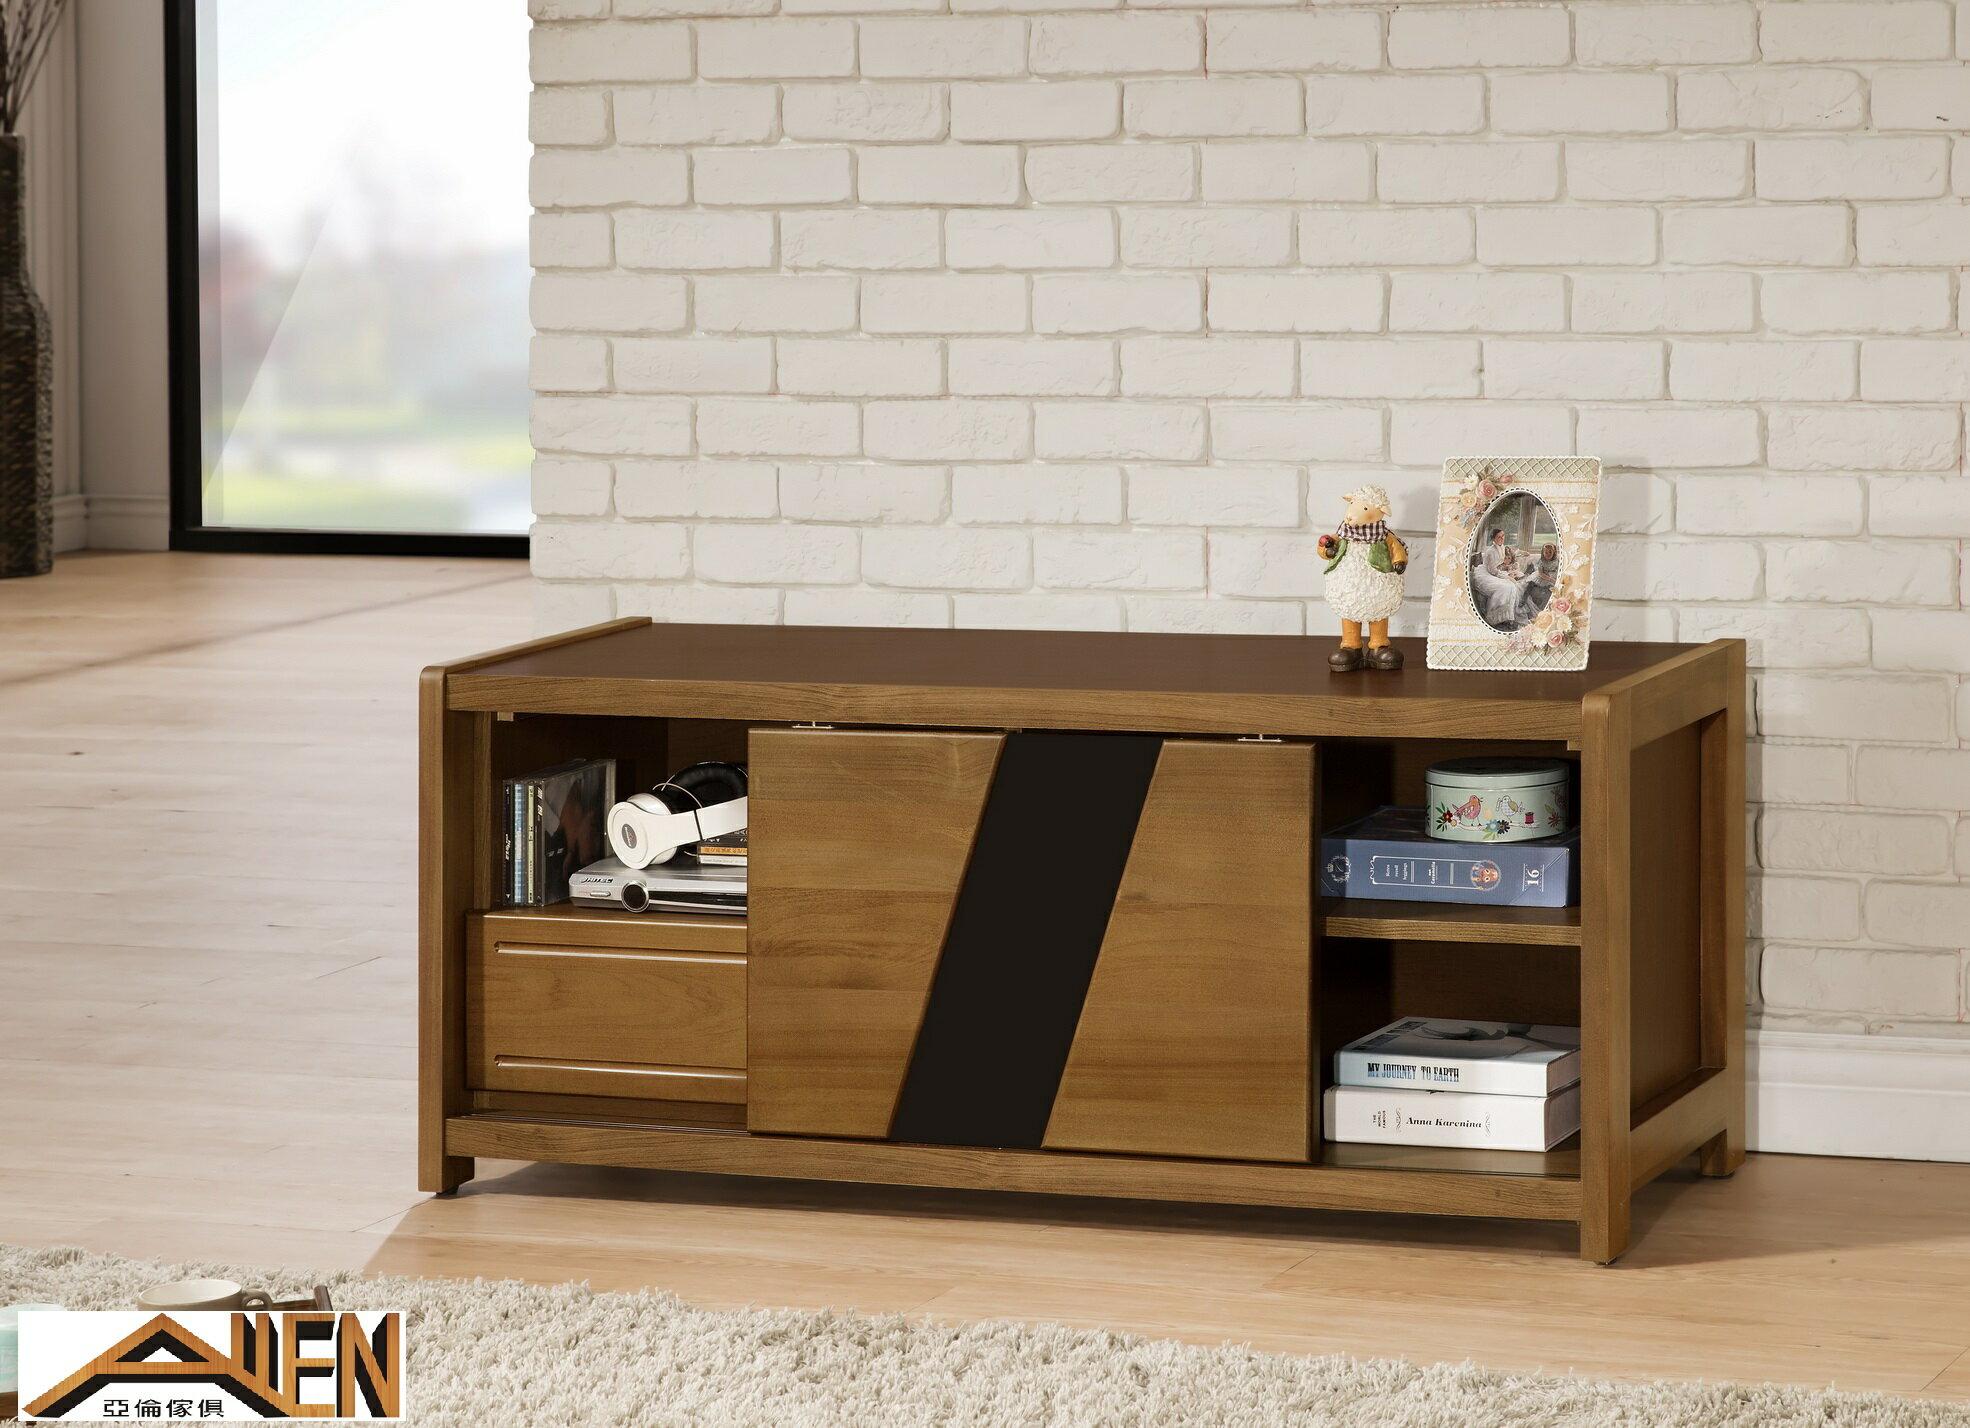 亞倫傢俱*文森卡索南洋檜實木4尺電視櫃 - 限時優惠好康折扣